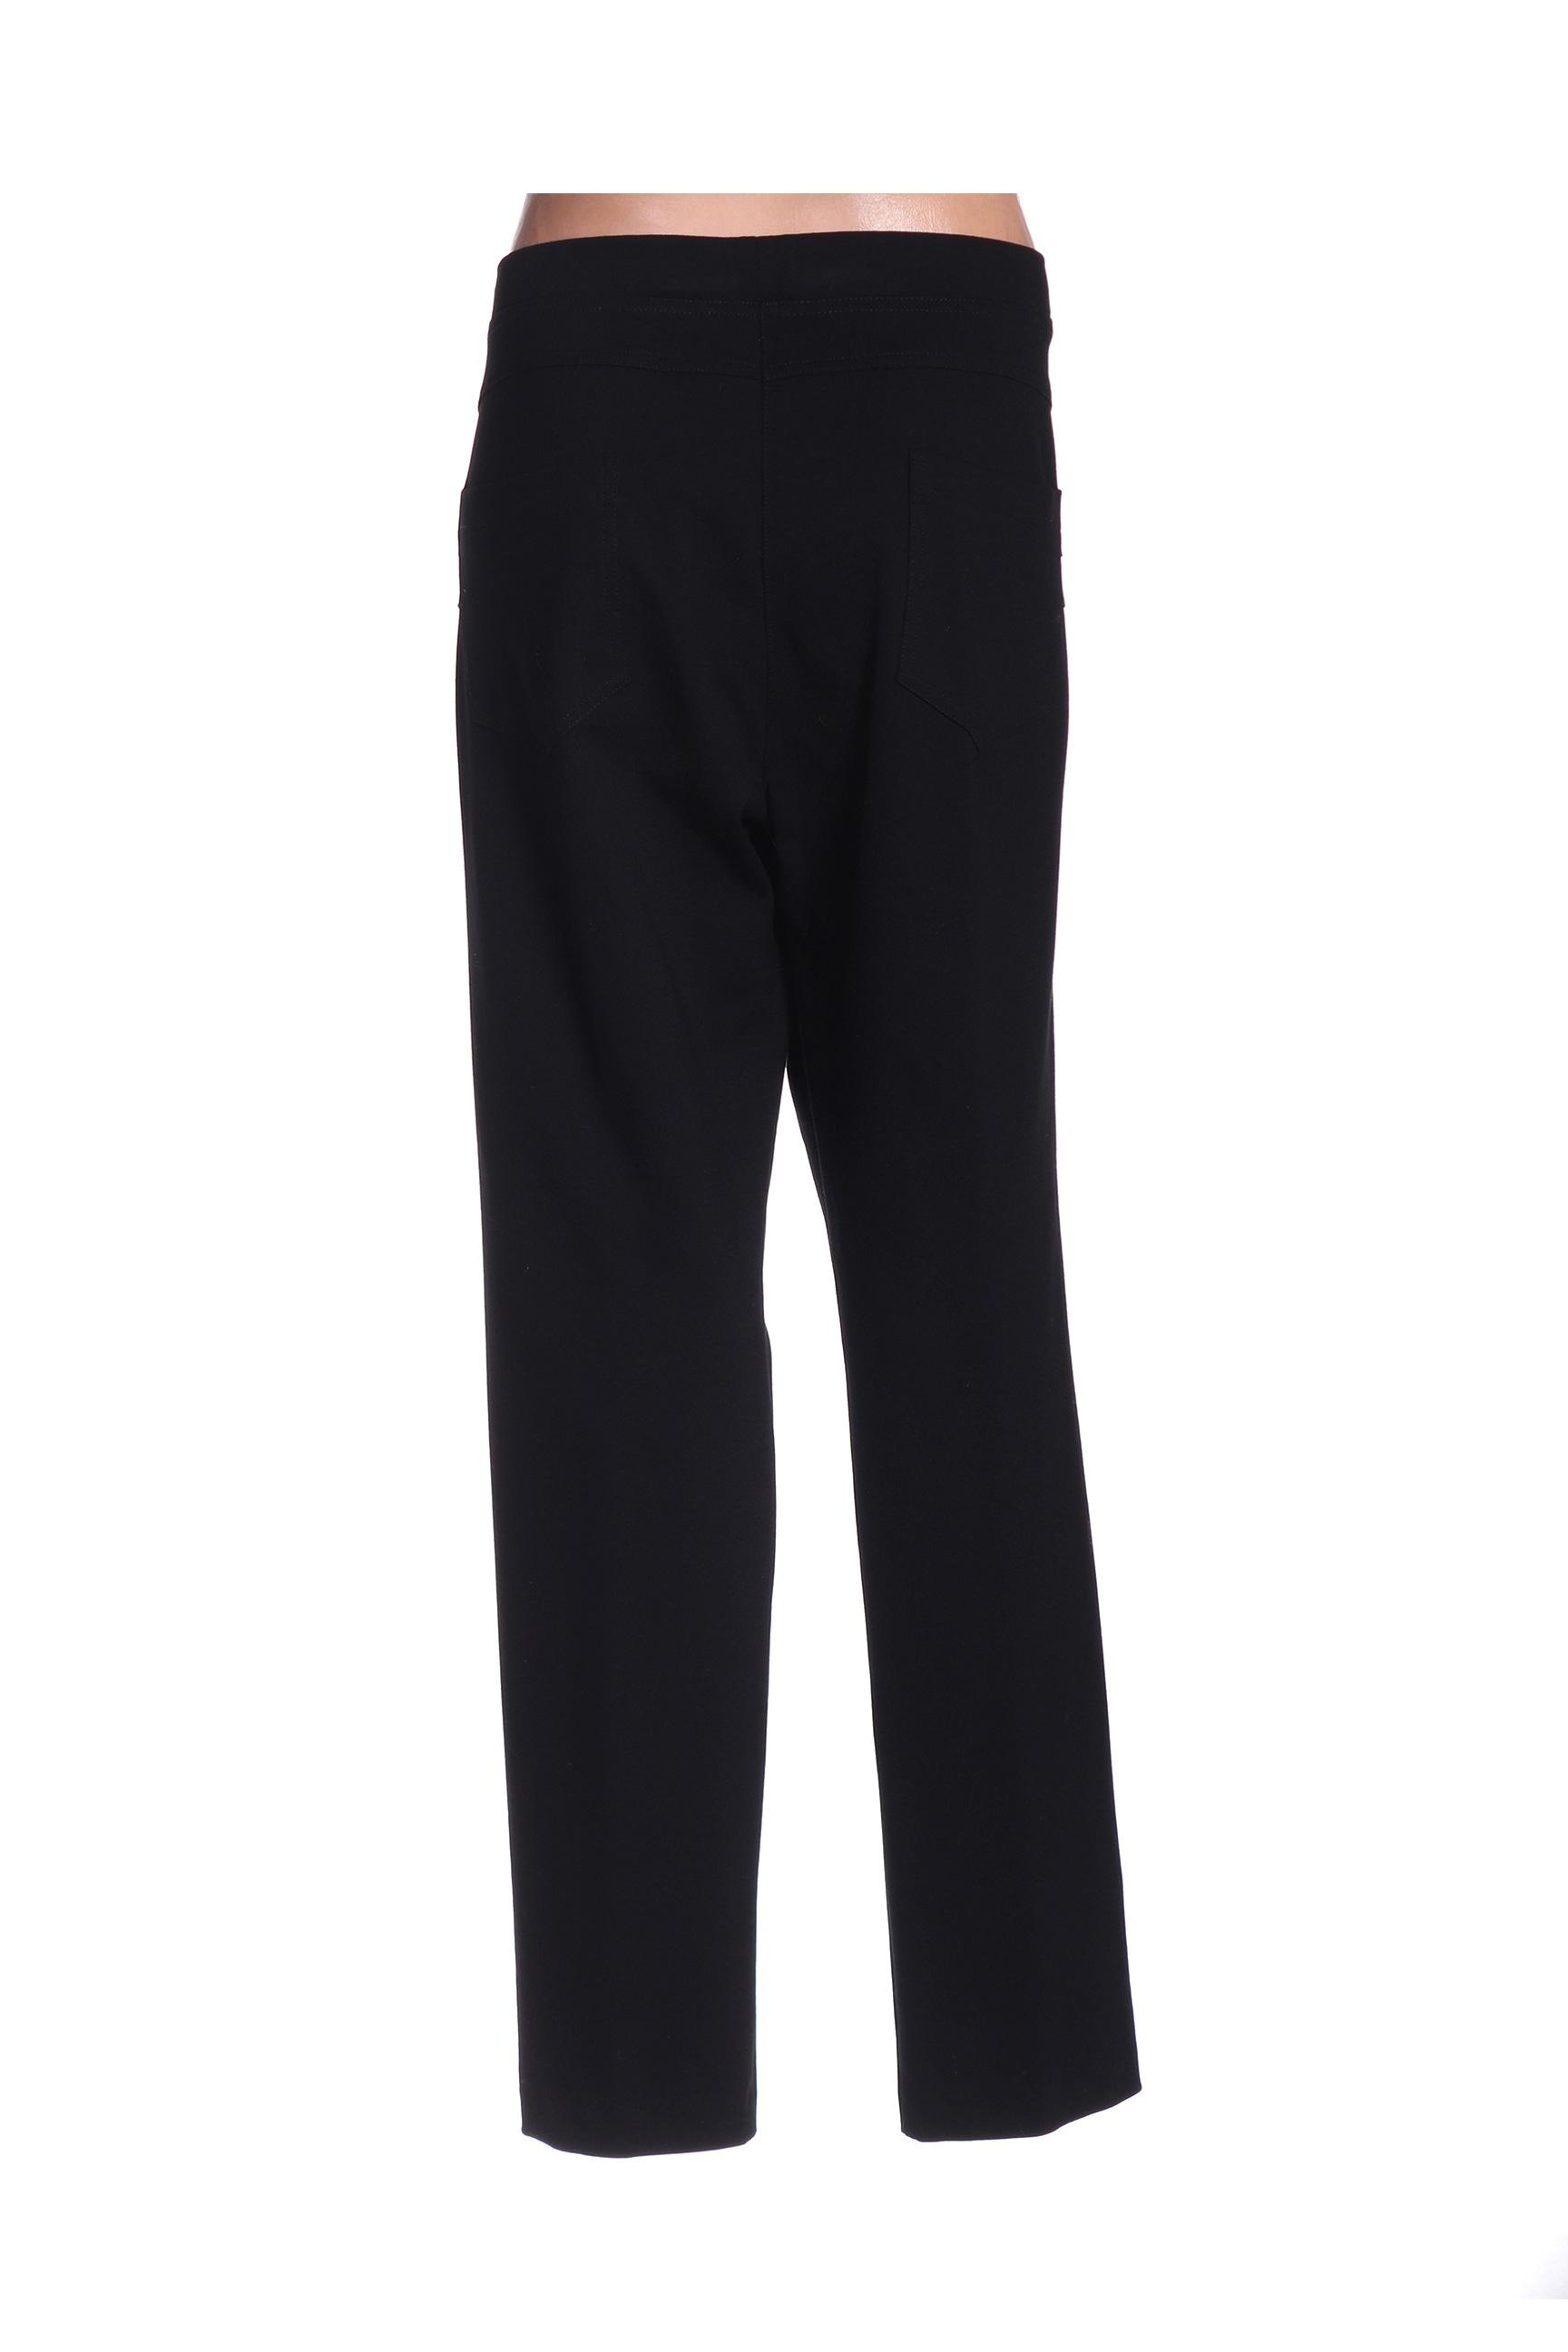 Griffon Pantalons Decontractes Femme De Couleur Noir En Soldes Pas Cher 1427286-noir00